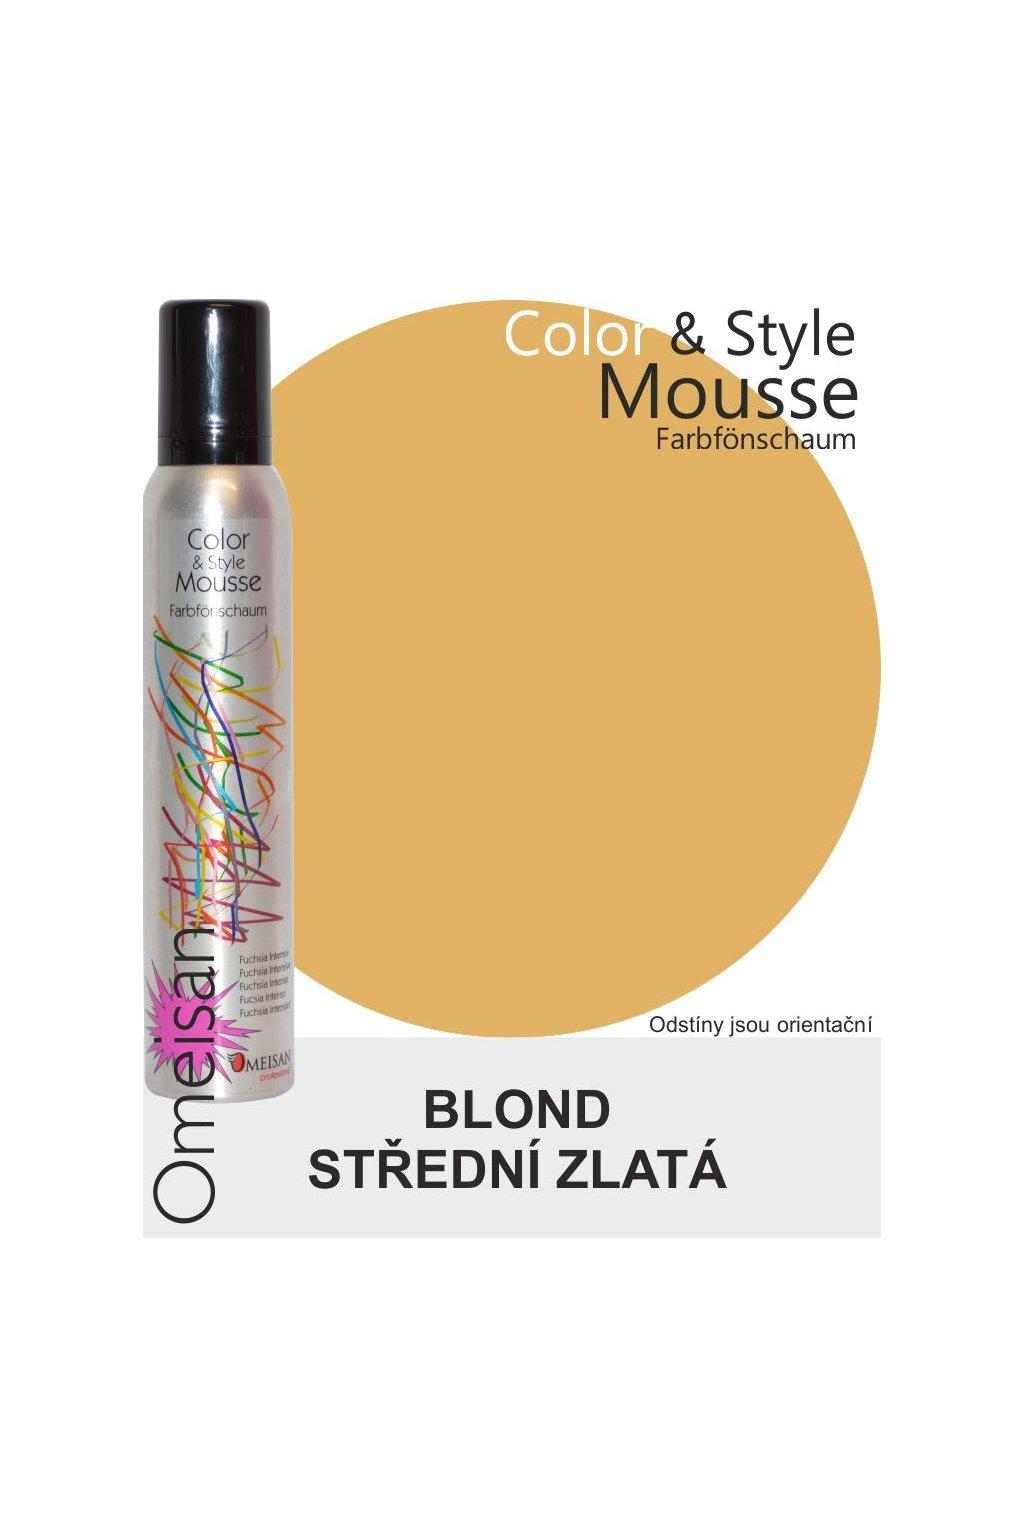 Omeisan Barevná pěna tužící Mittelgoldblond 200ml Blond střední zlatá